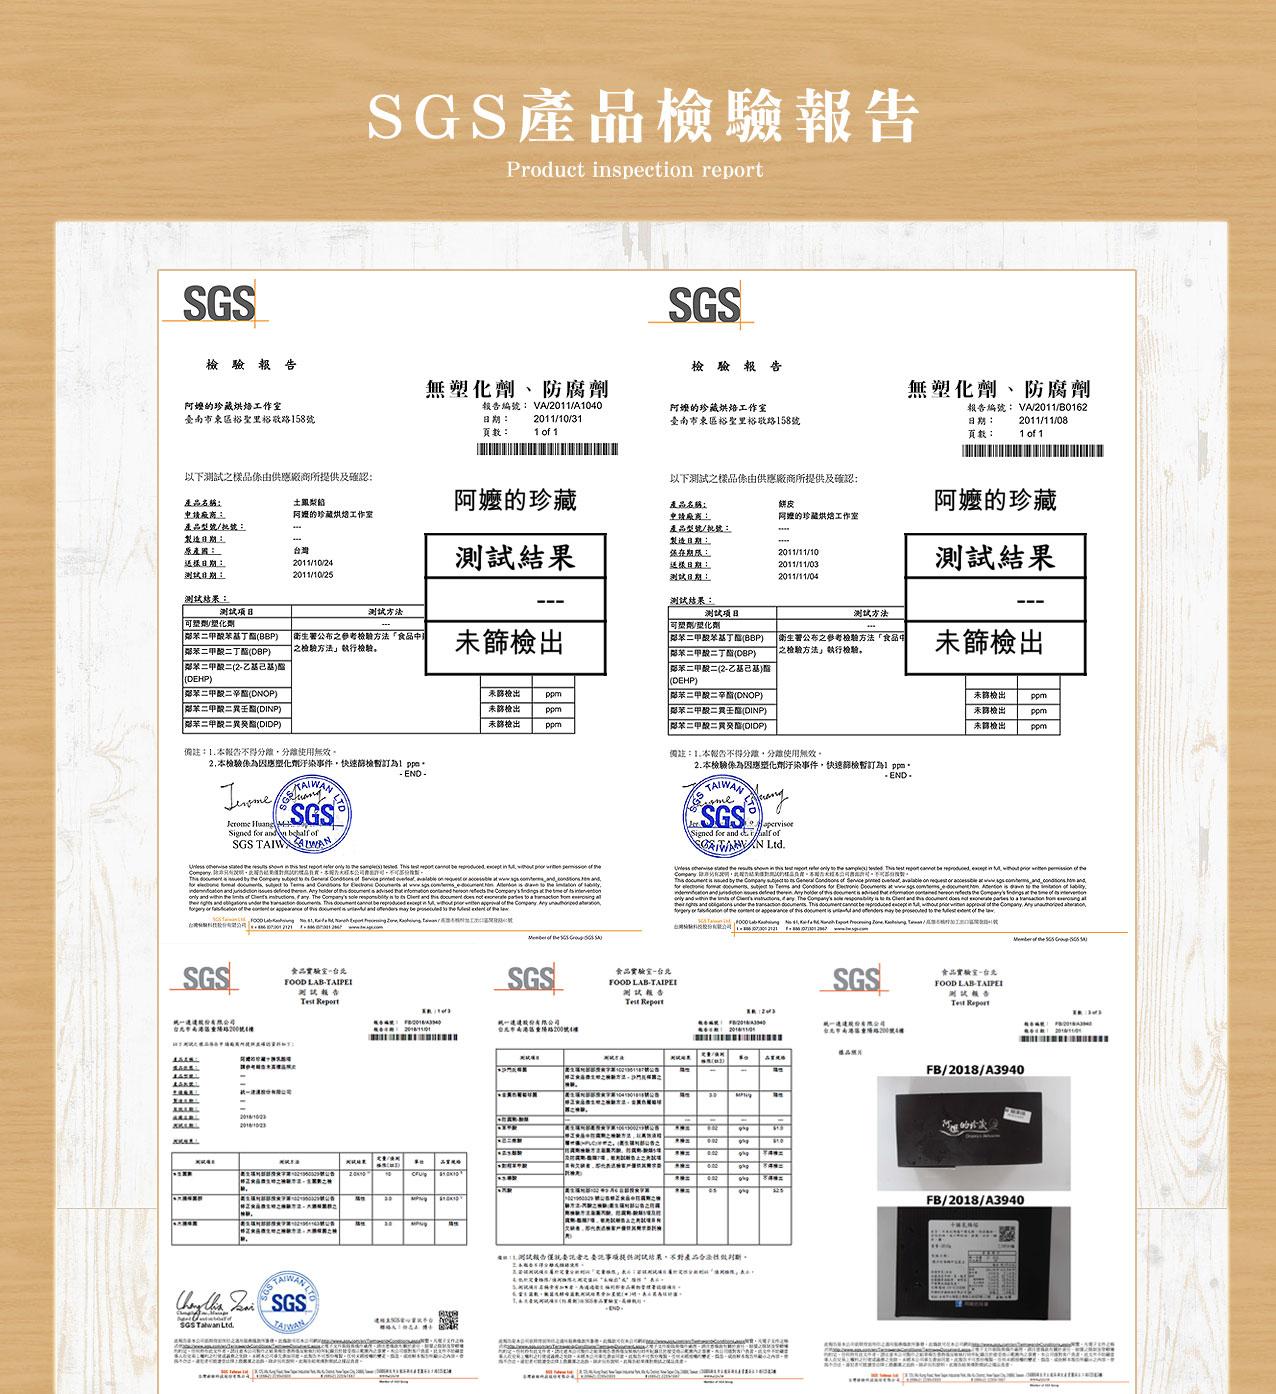 阿嬤的珍藏-商品通過SGS檢驗